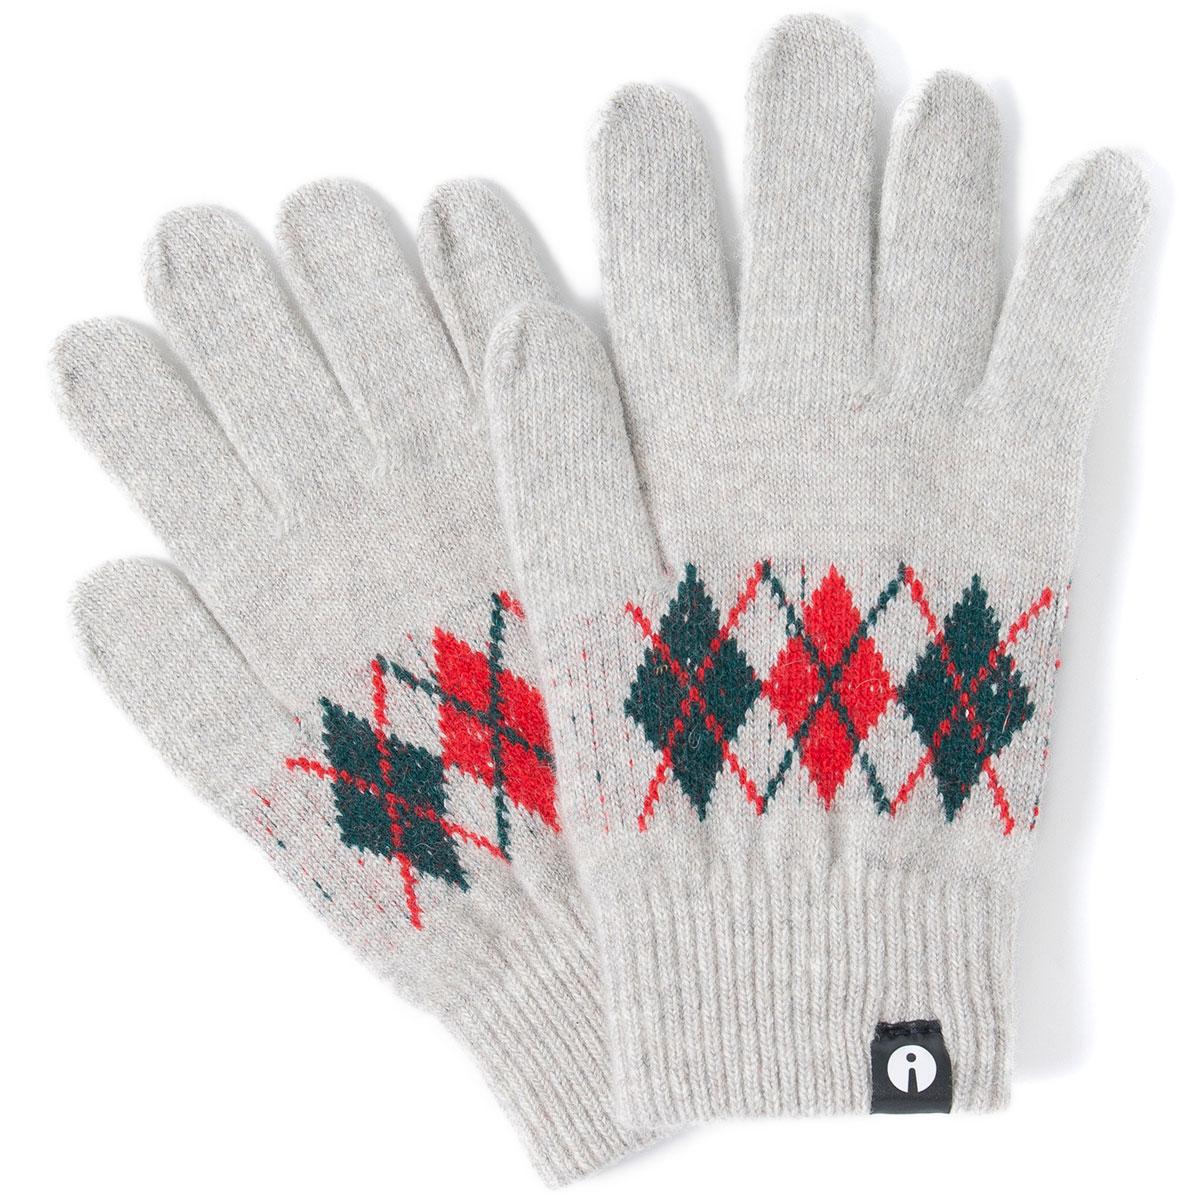 3 980円以上で送料無料 iTouch Glovesのスマホ手袋 再再販 Sサイズ 2019-2020新作がおしゃれ スマホ手袋 Gloves 2019-2020新作 スマホ対応手袋 ウール レディースサイズ アーガイル ライトグレー スマートフォン対応 タッチパネル操作 低廉 アイタッチグローブ